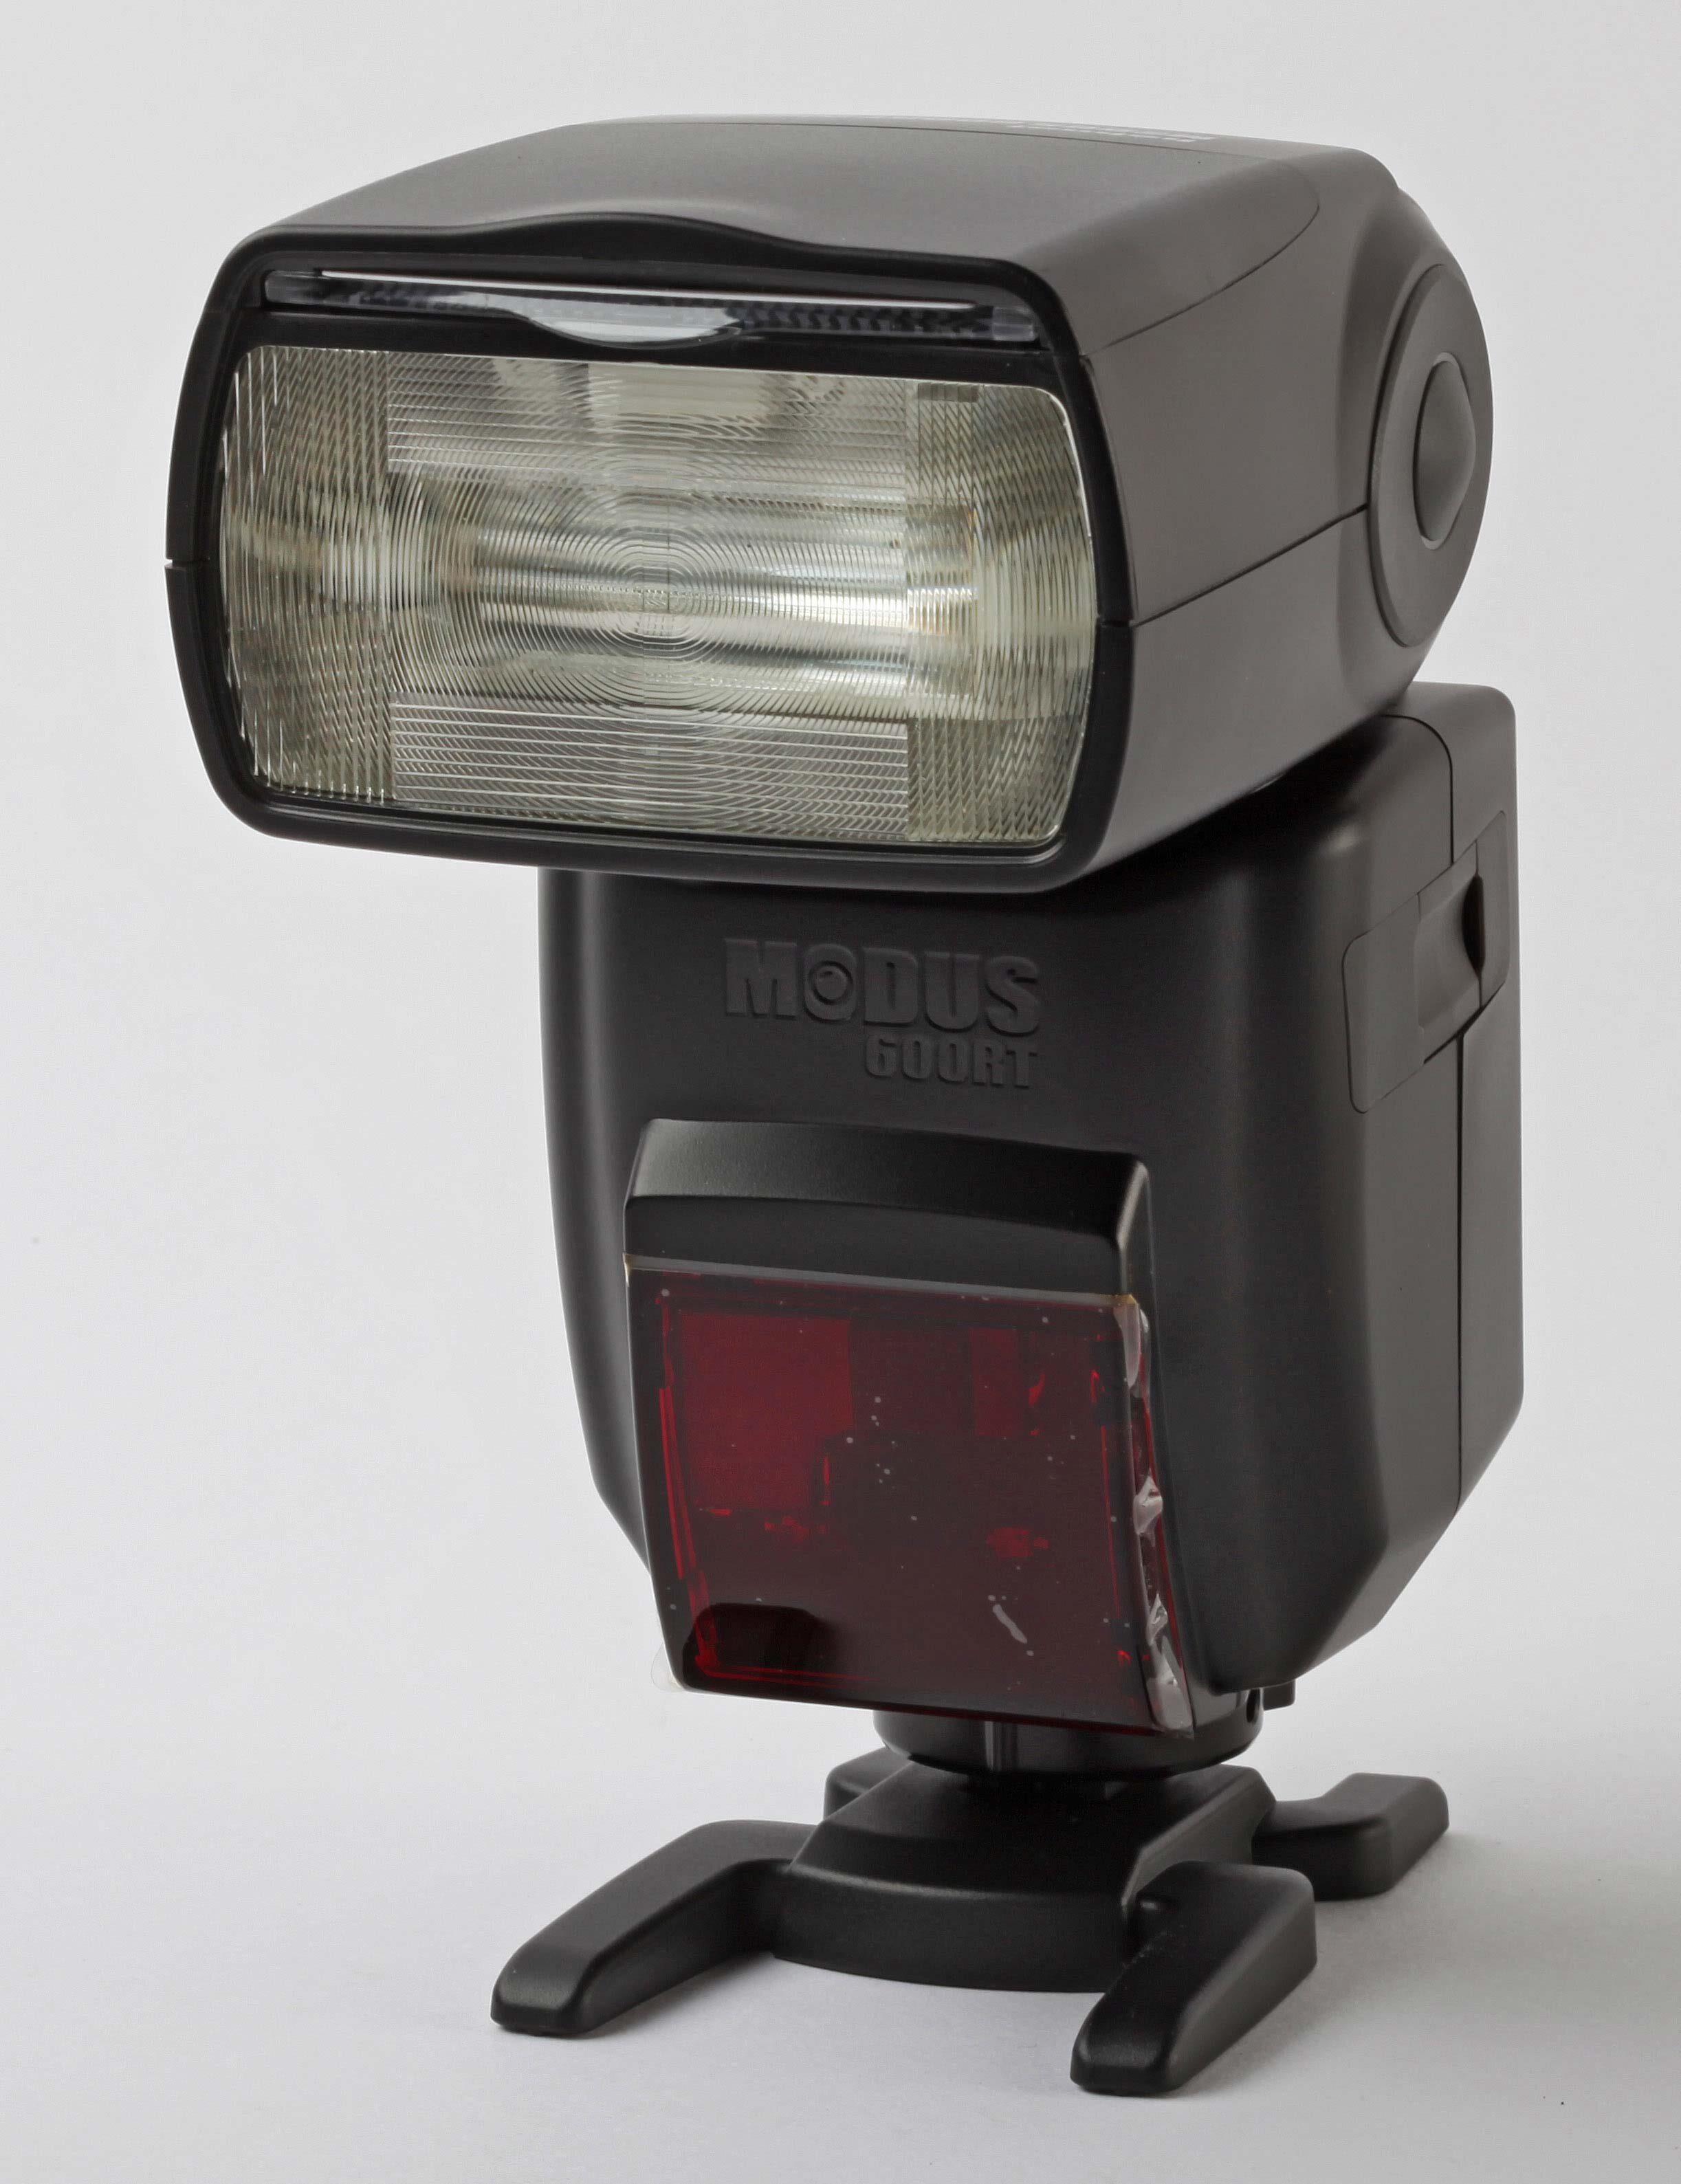 hähnel Modus 600RT MKII für Olympus/Panasonic